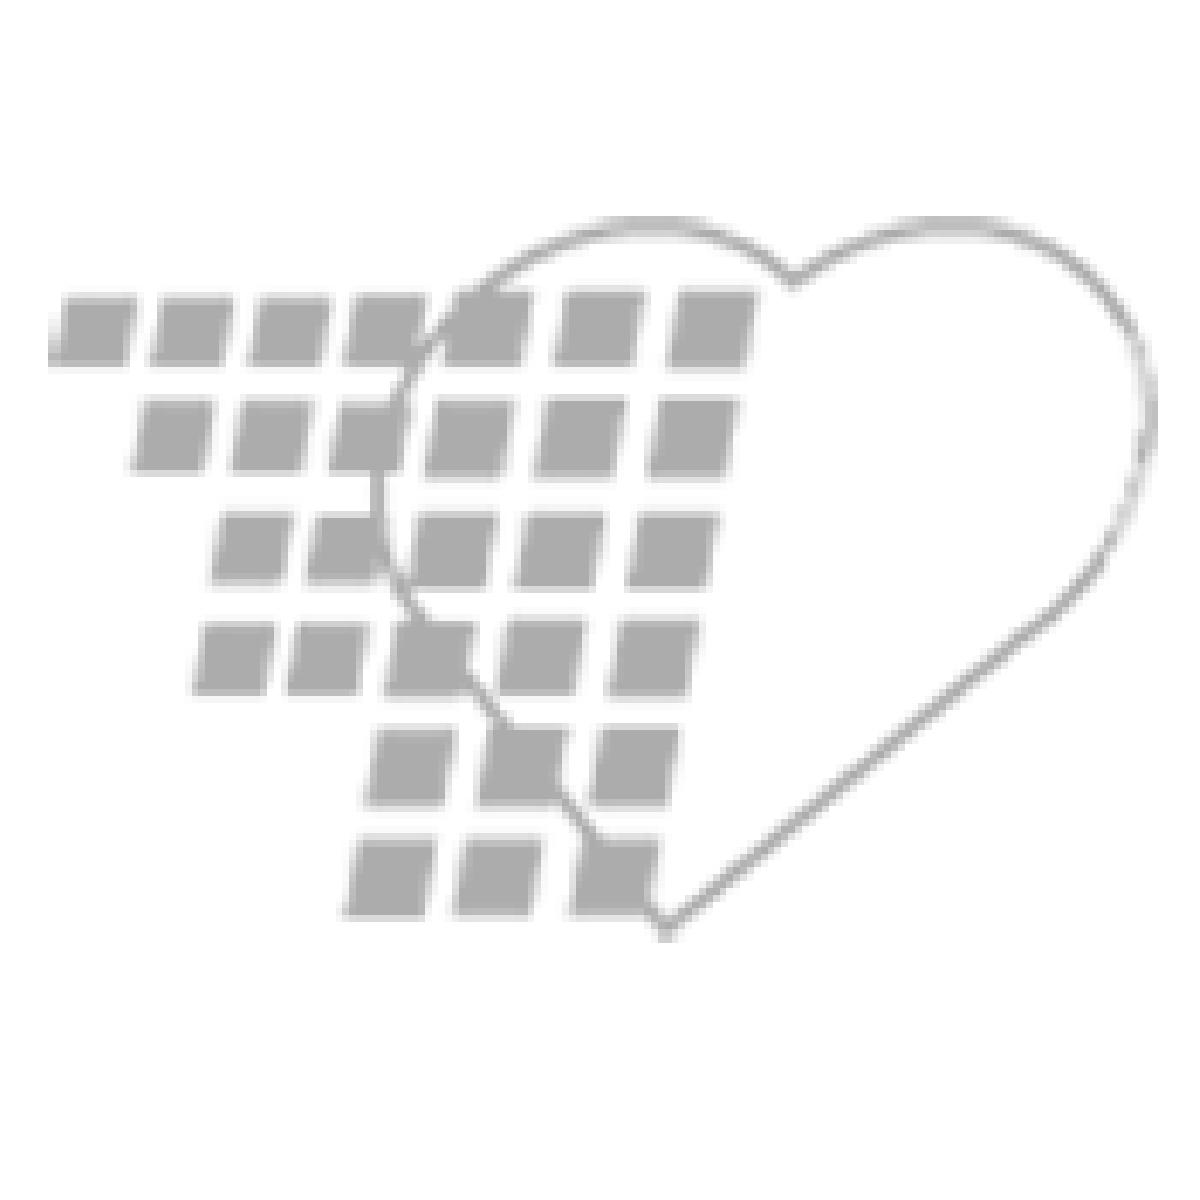 """06-26-3053 - PROTECTIV® Safety I.V. Catheters 24G x 3/4"""" 50/Bx"""